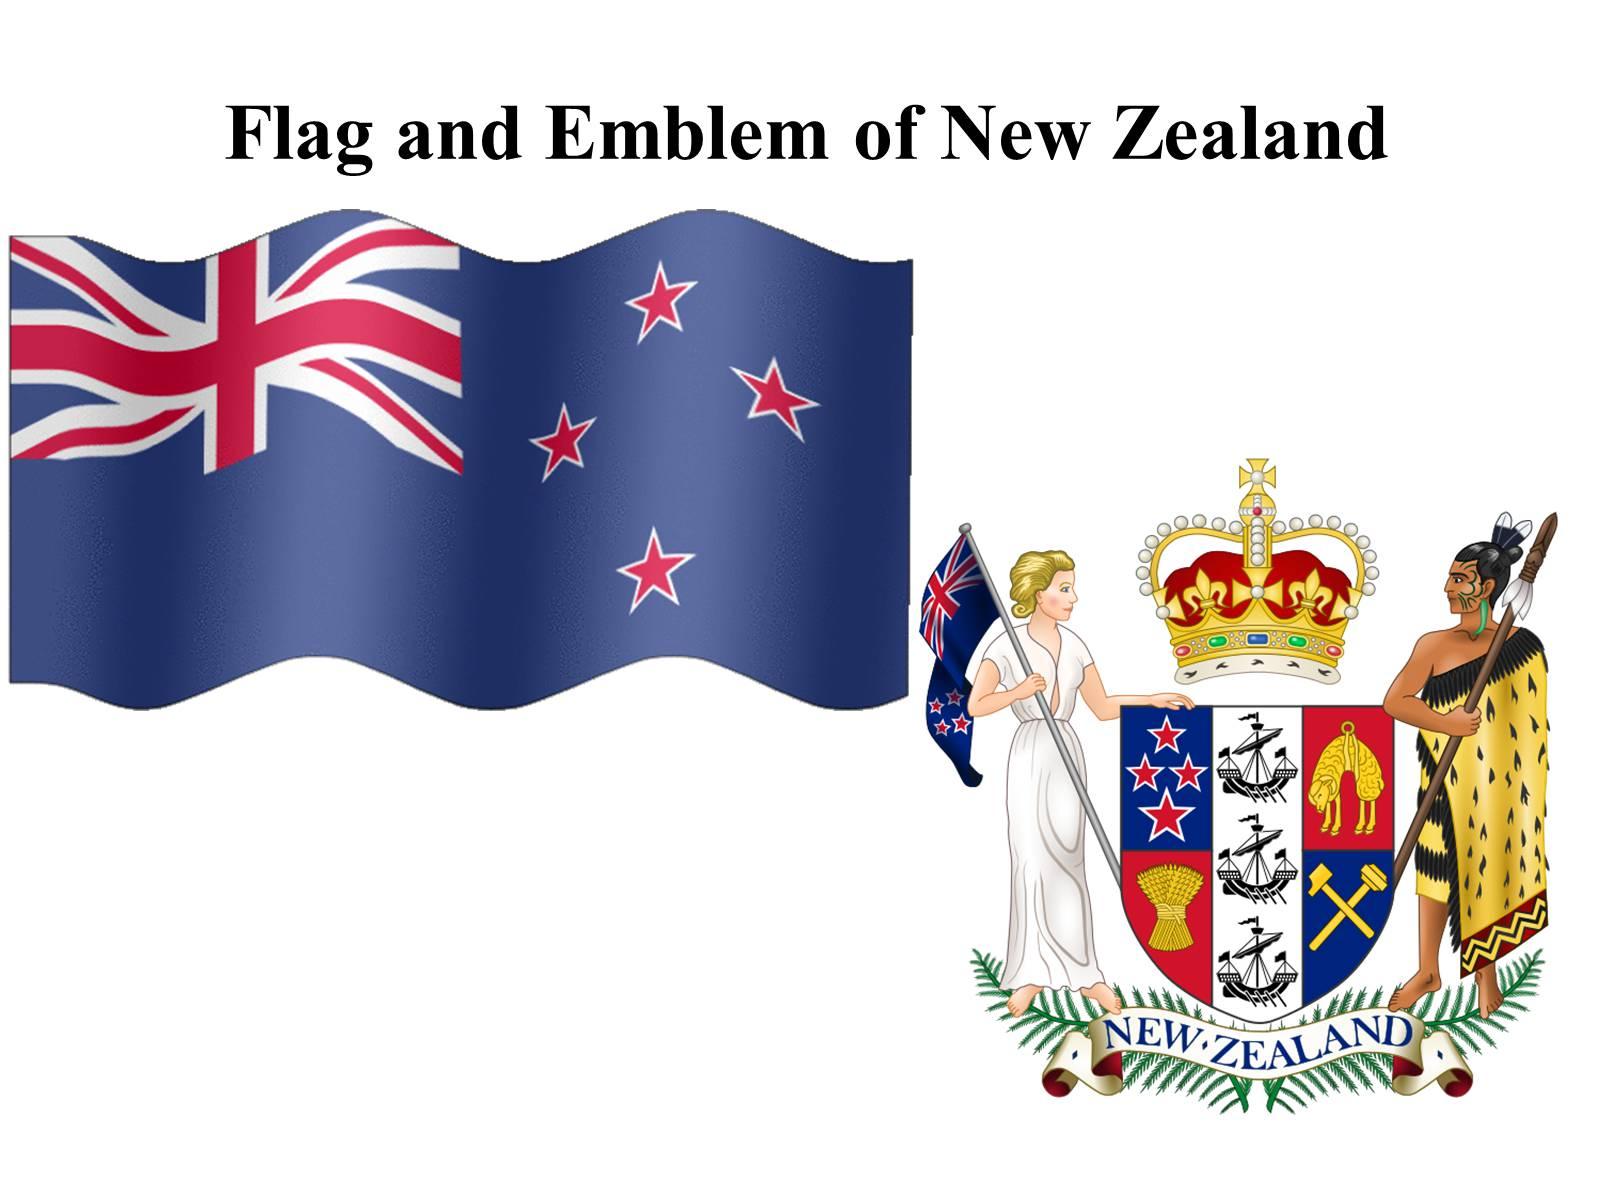 описание герб новой зеландии фото перца требуется, если